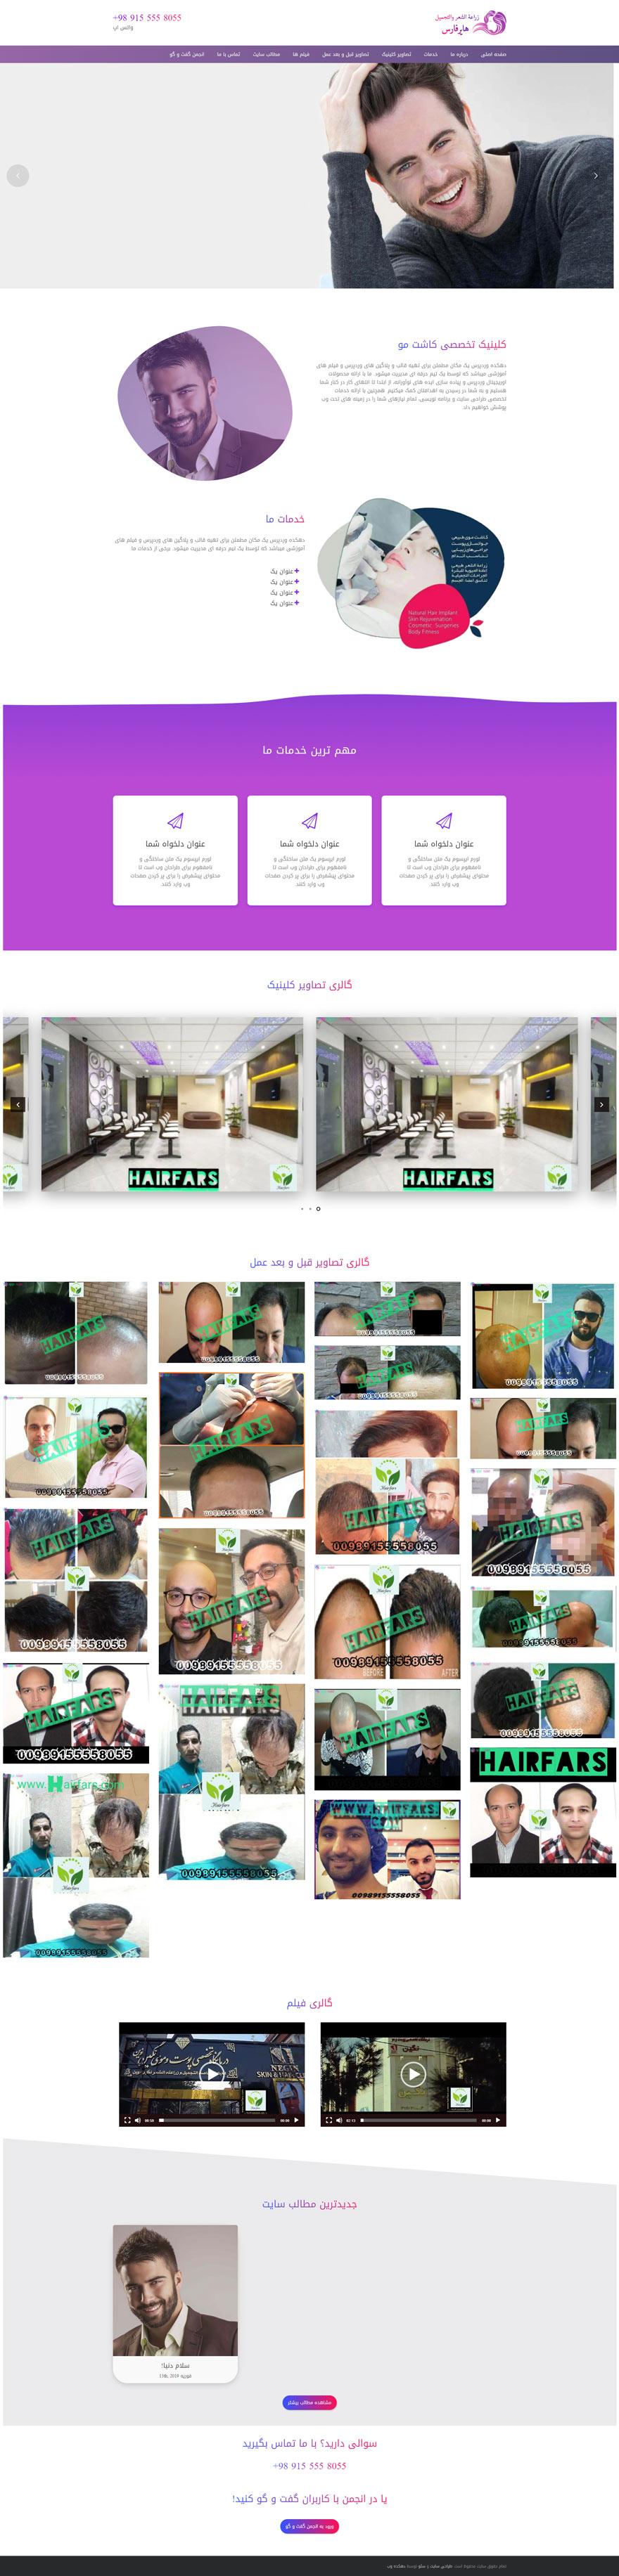 طراحی سایت هایر فارس